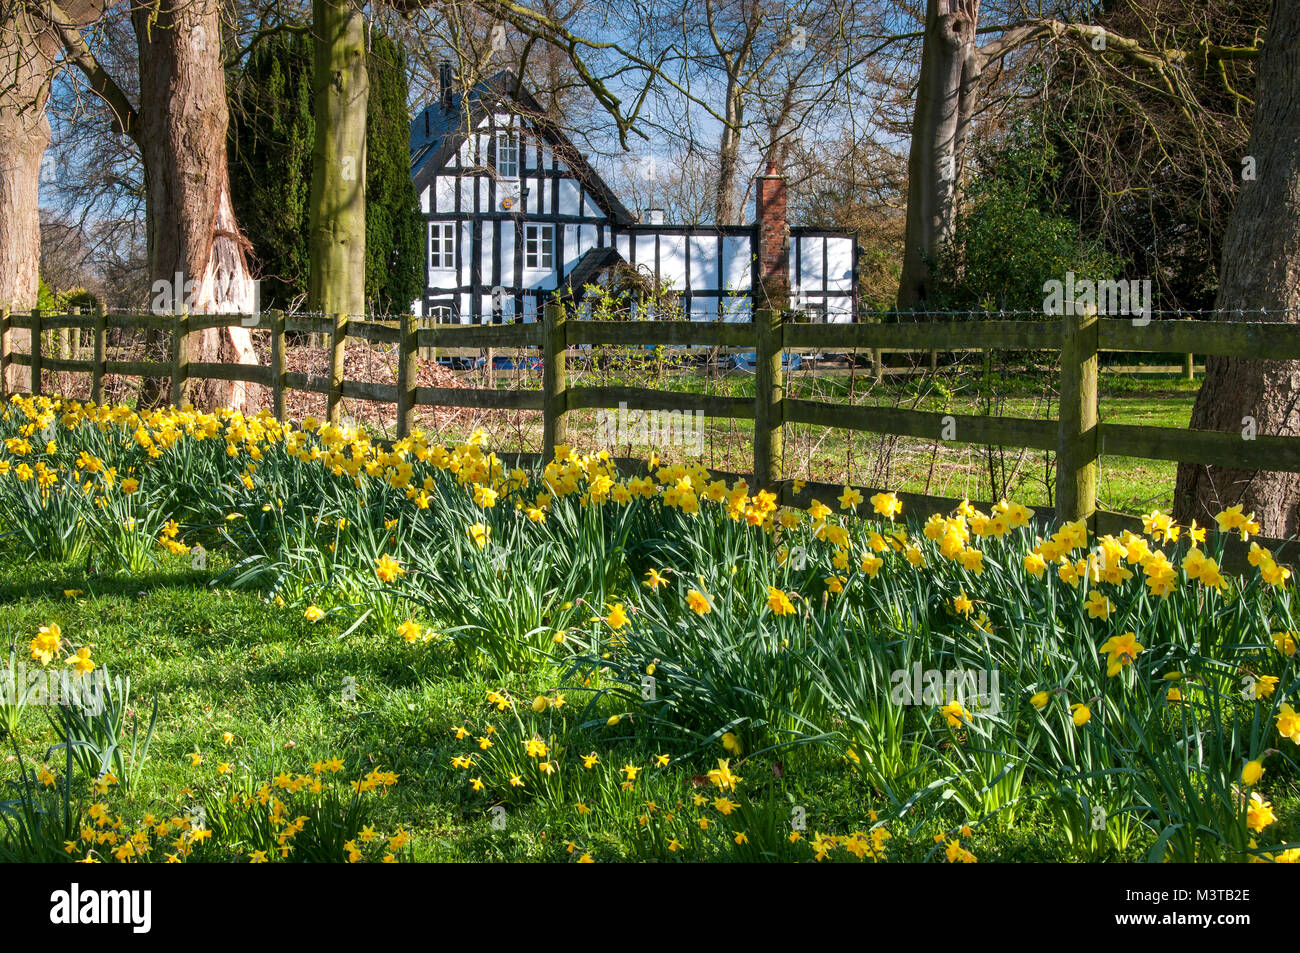 Das alte Pfarrhaus schwarze und weiße Fachwerkhaus im Frühjahr, Swettenham, Cheshire, England, Großbritannien Stockbild